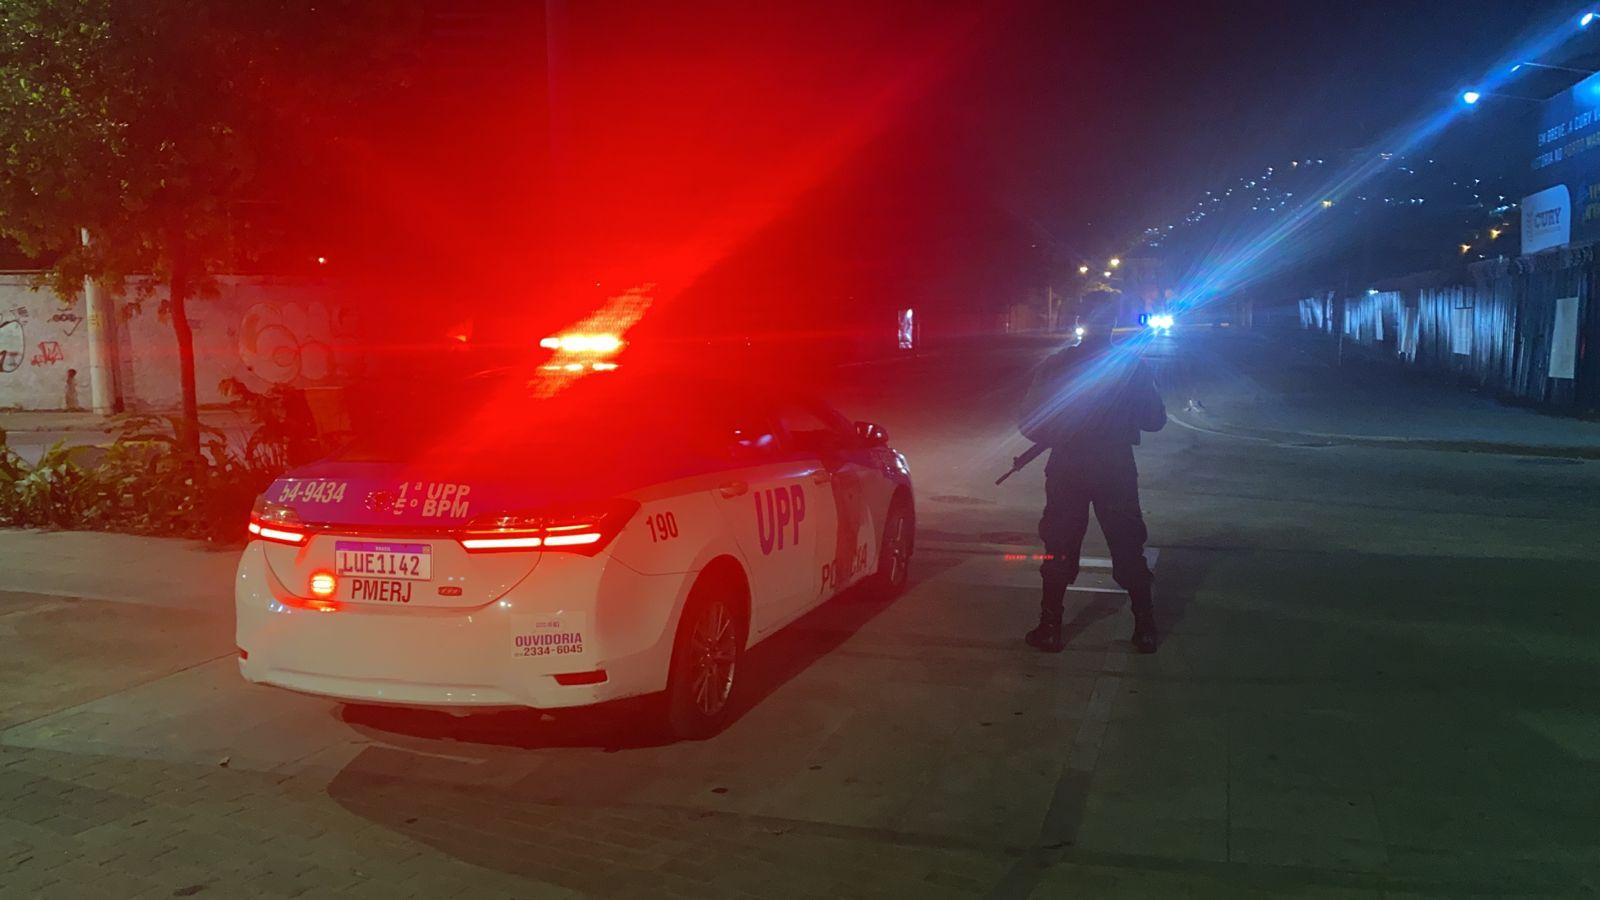 policial e viatura na rua